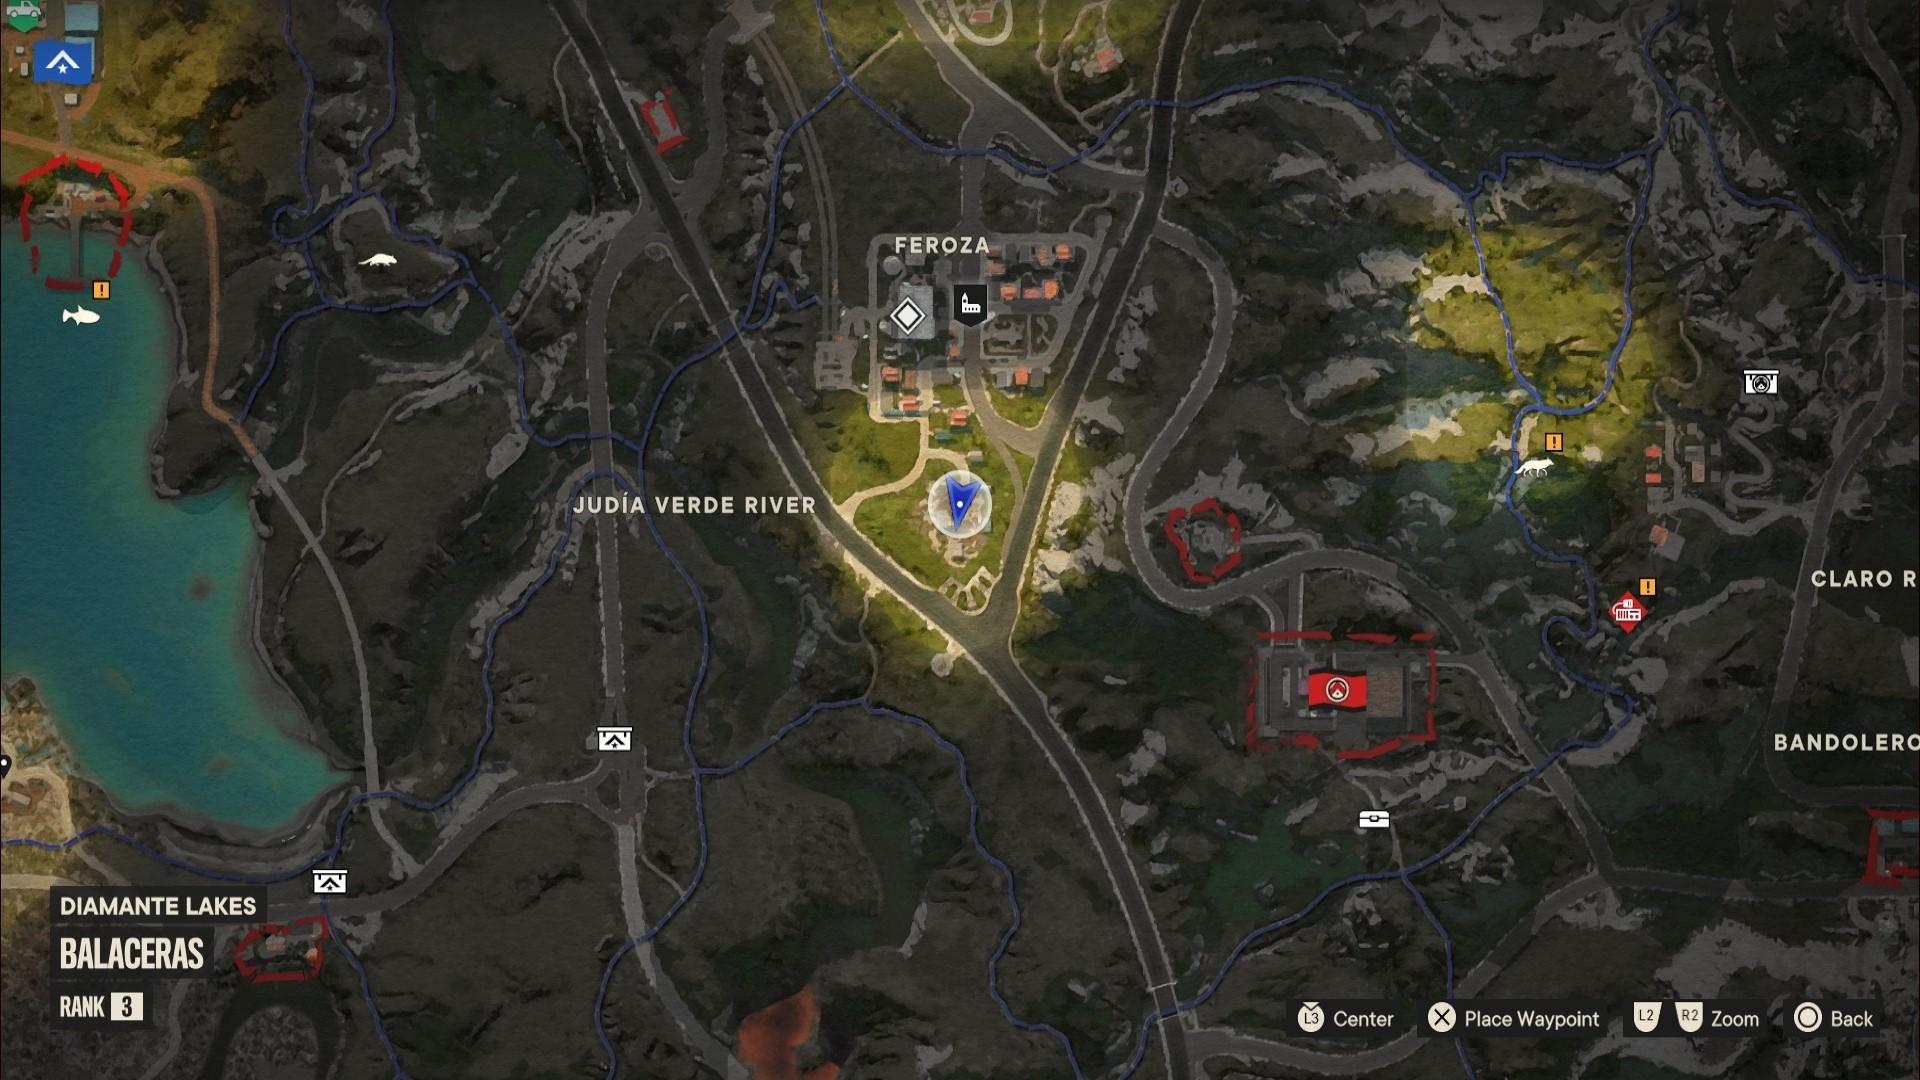 A Far Cry 6 Criptograma chest located in Valle De Oro